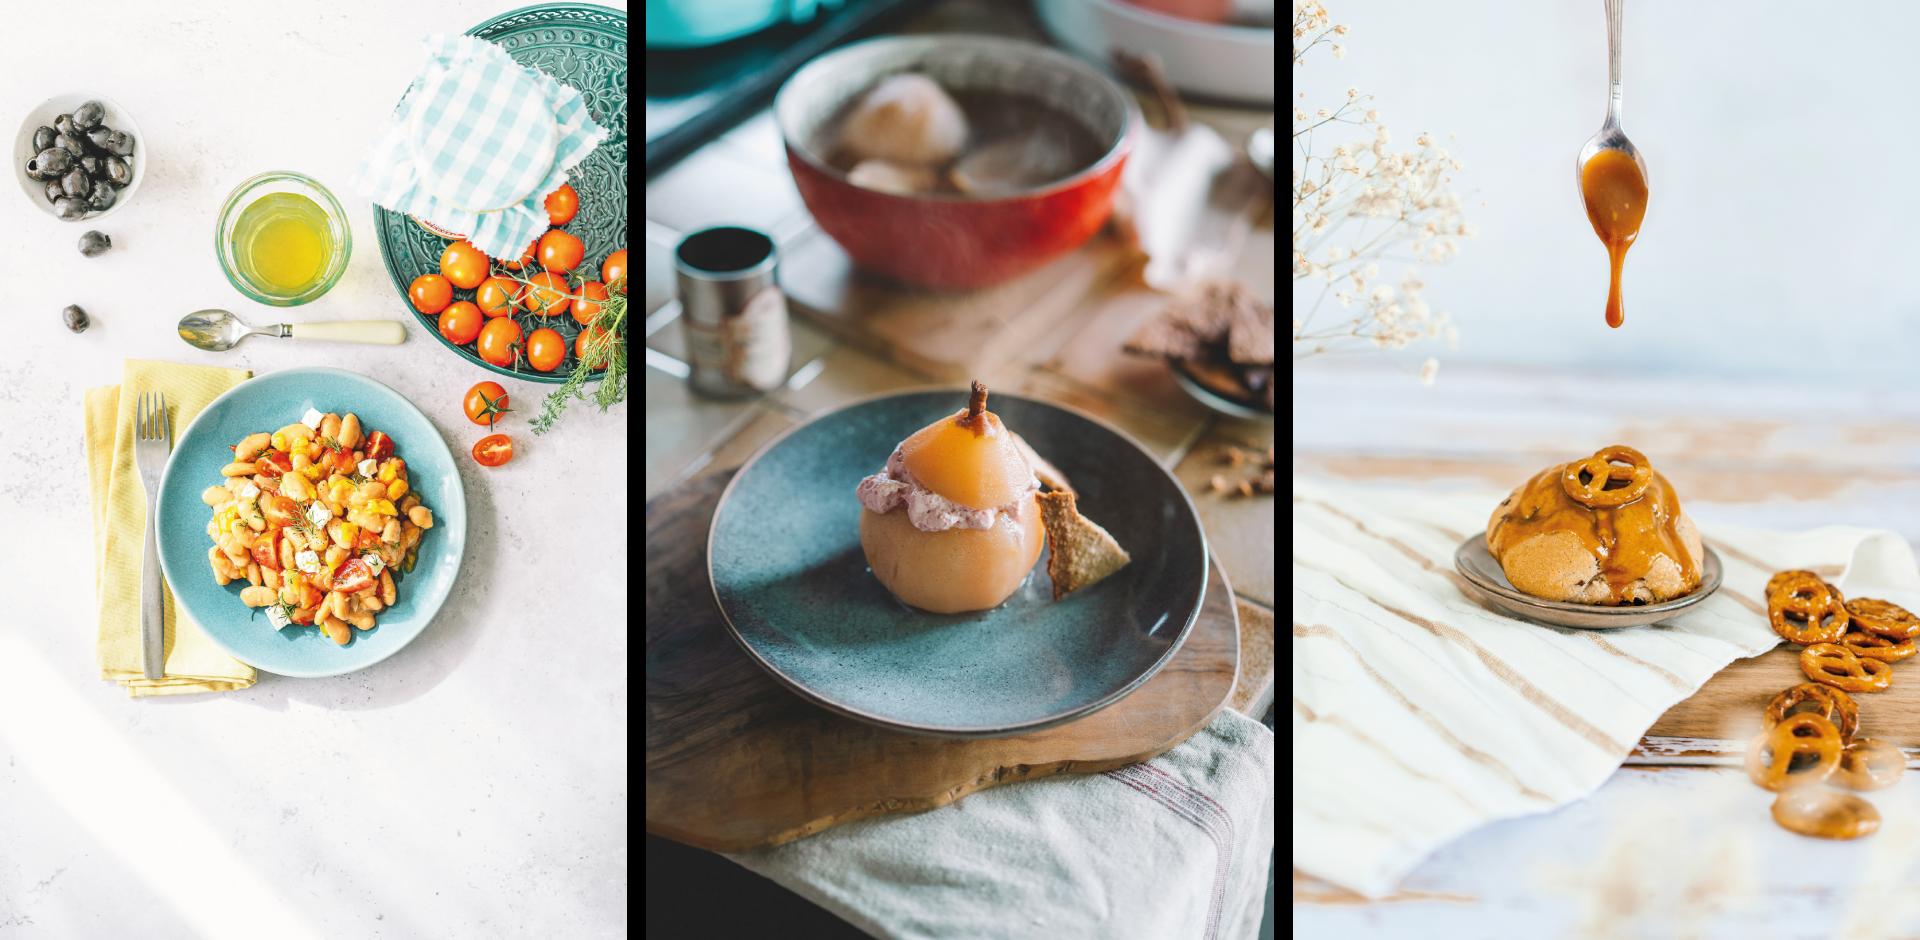 Photographe culinaire dax landes mont de marsan aquitaine styliste 2